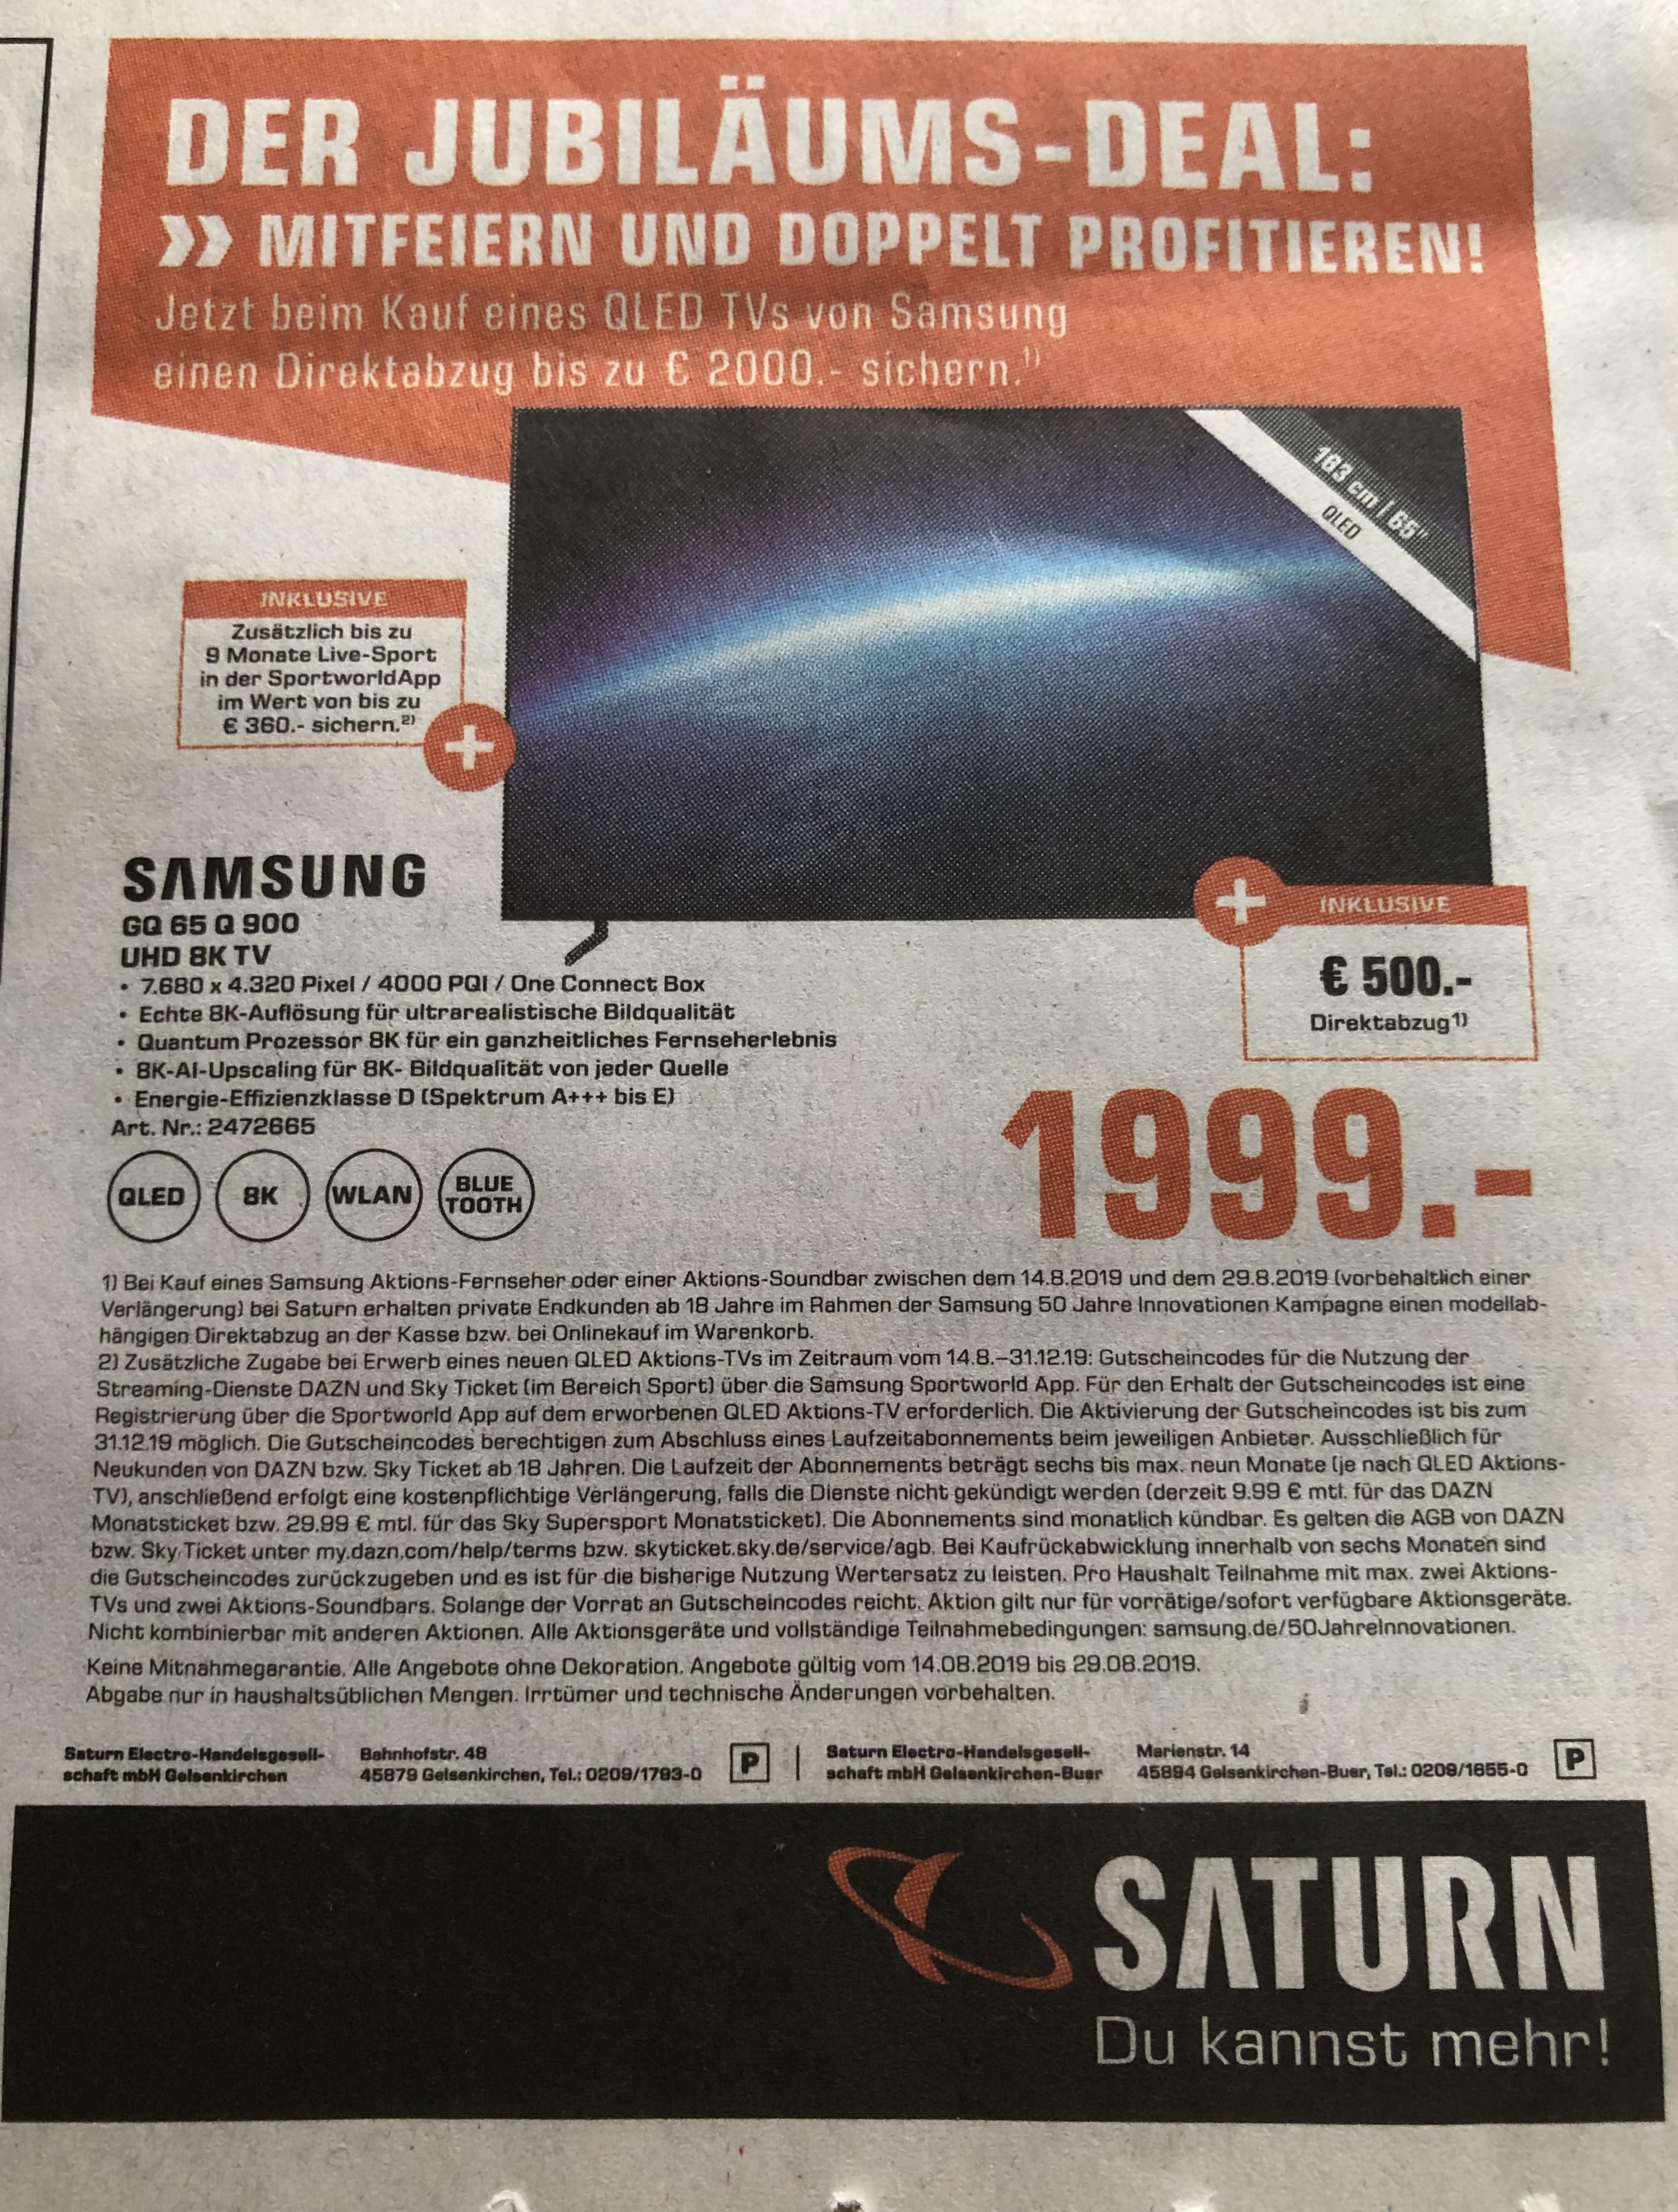 Samsung GQ65 Q900 R UHD 8k TV im Jubiläums Deal (LOKAL SATURN GELSENKIRCHEN)